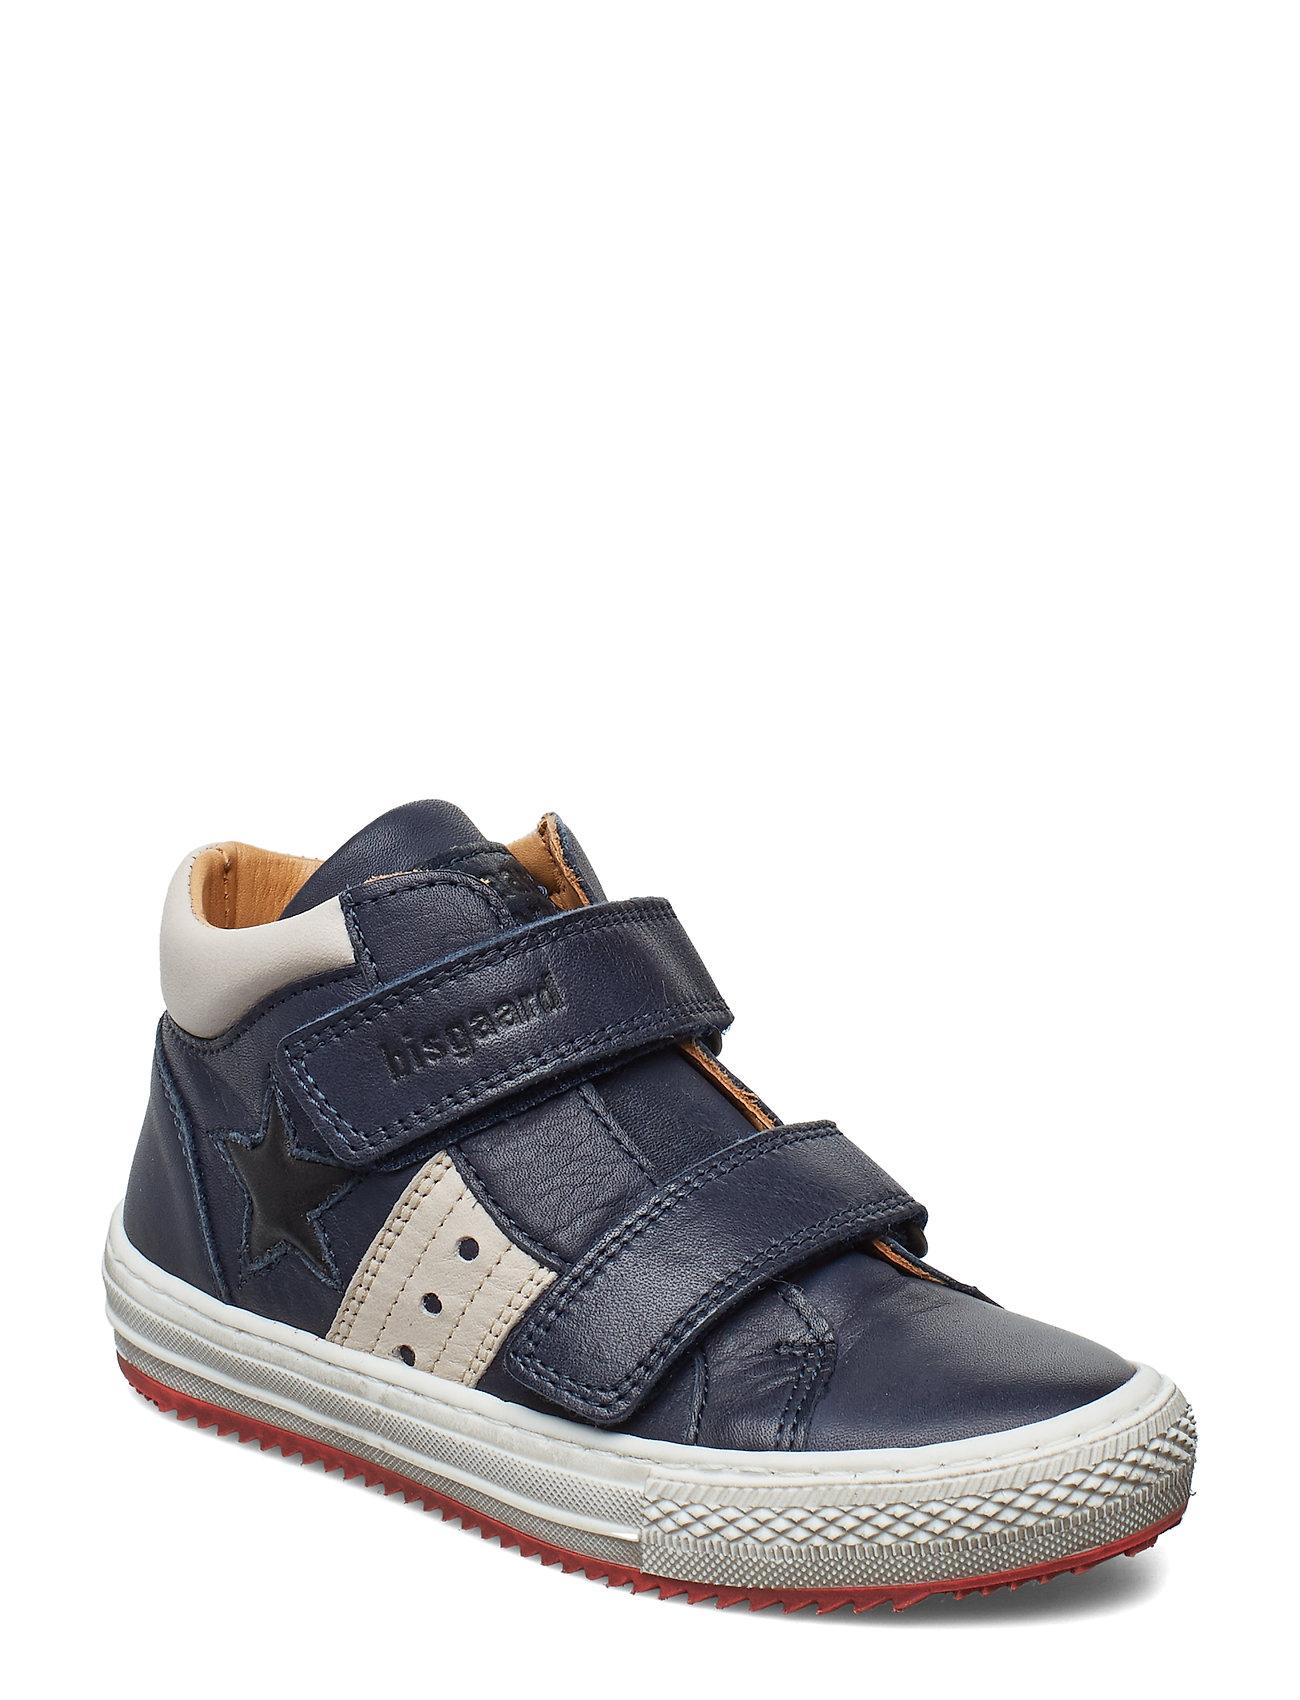 Bisgaard Velcro shoes - NAVY